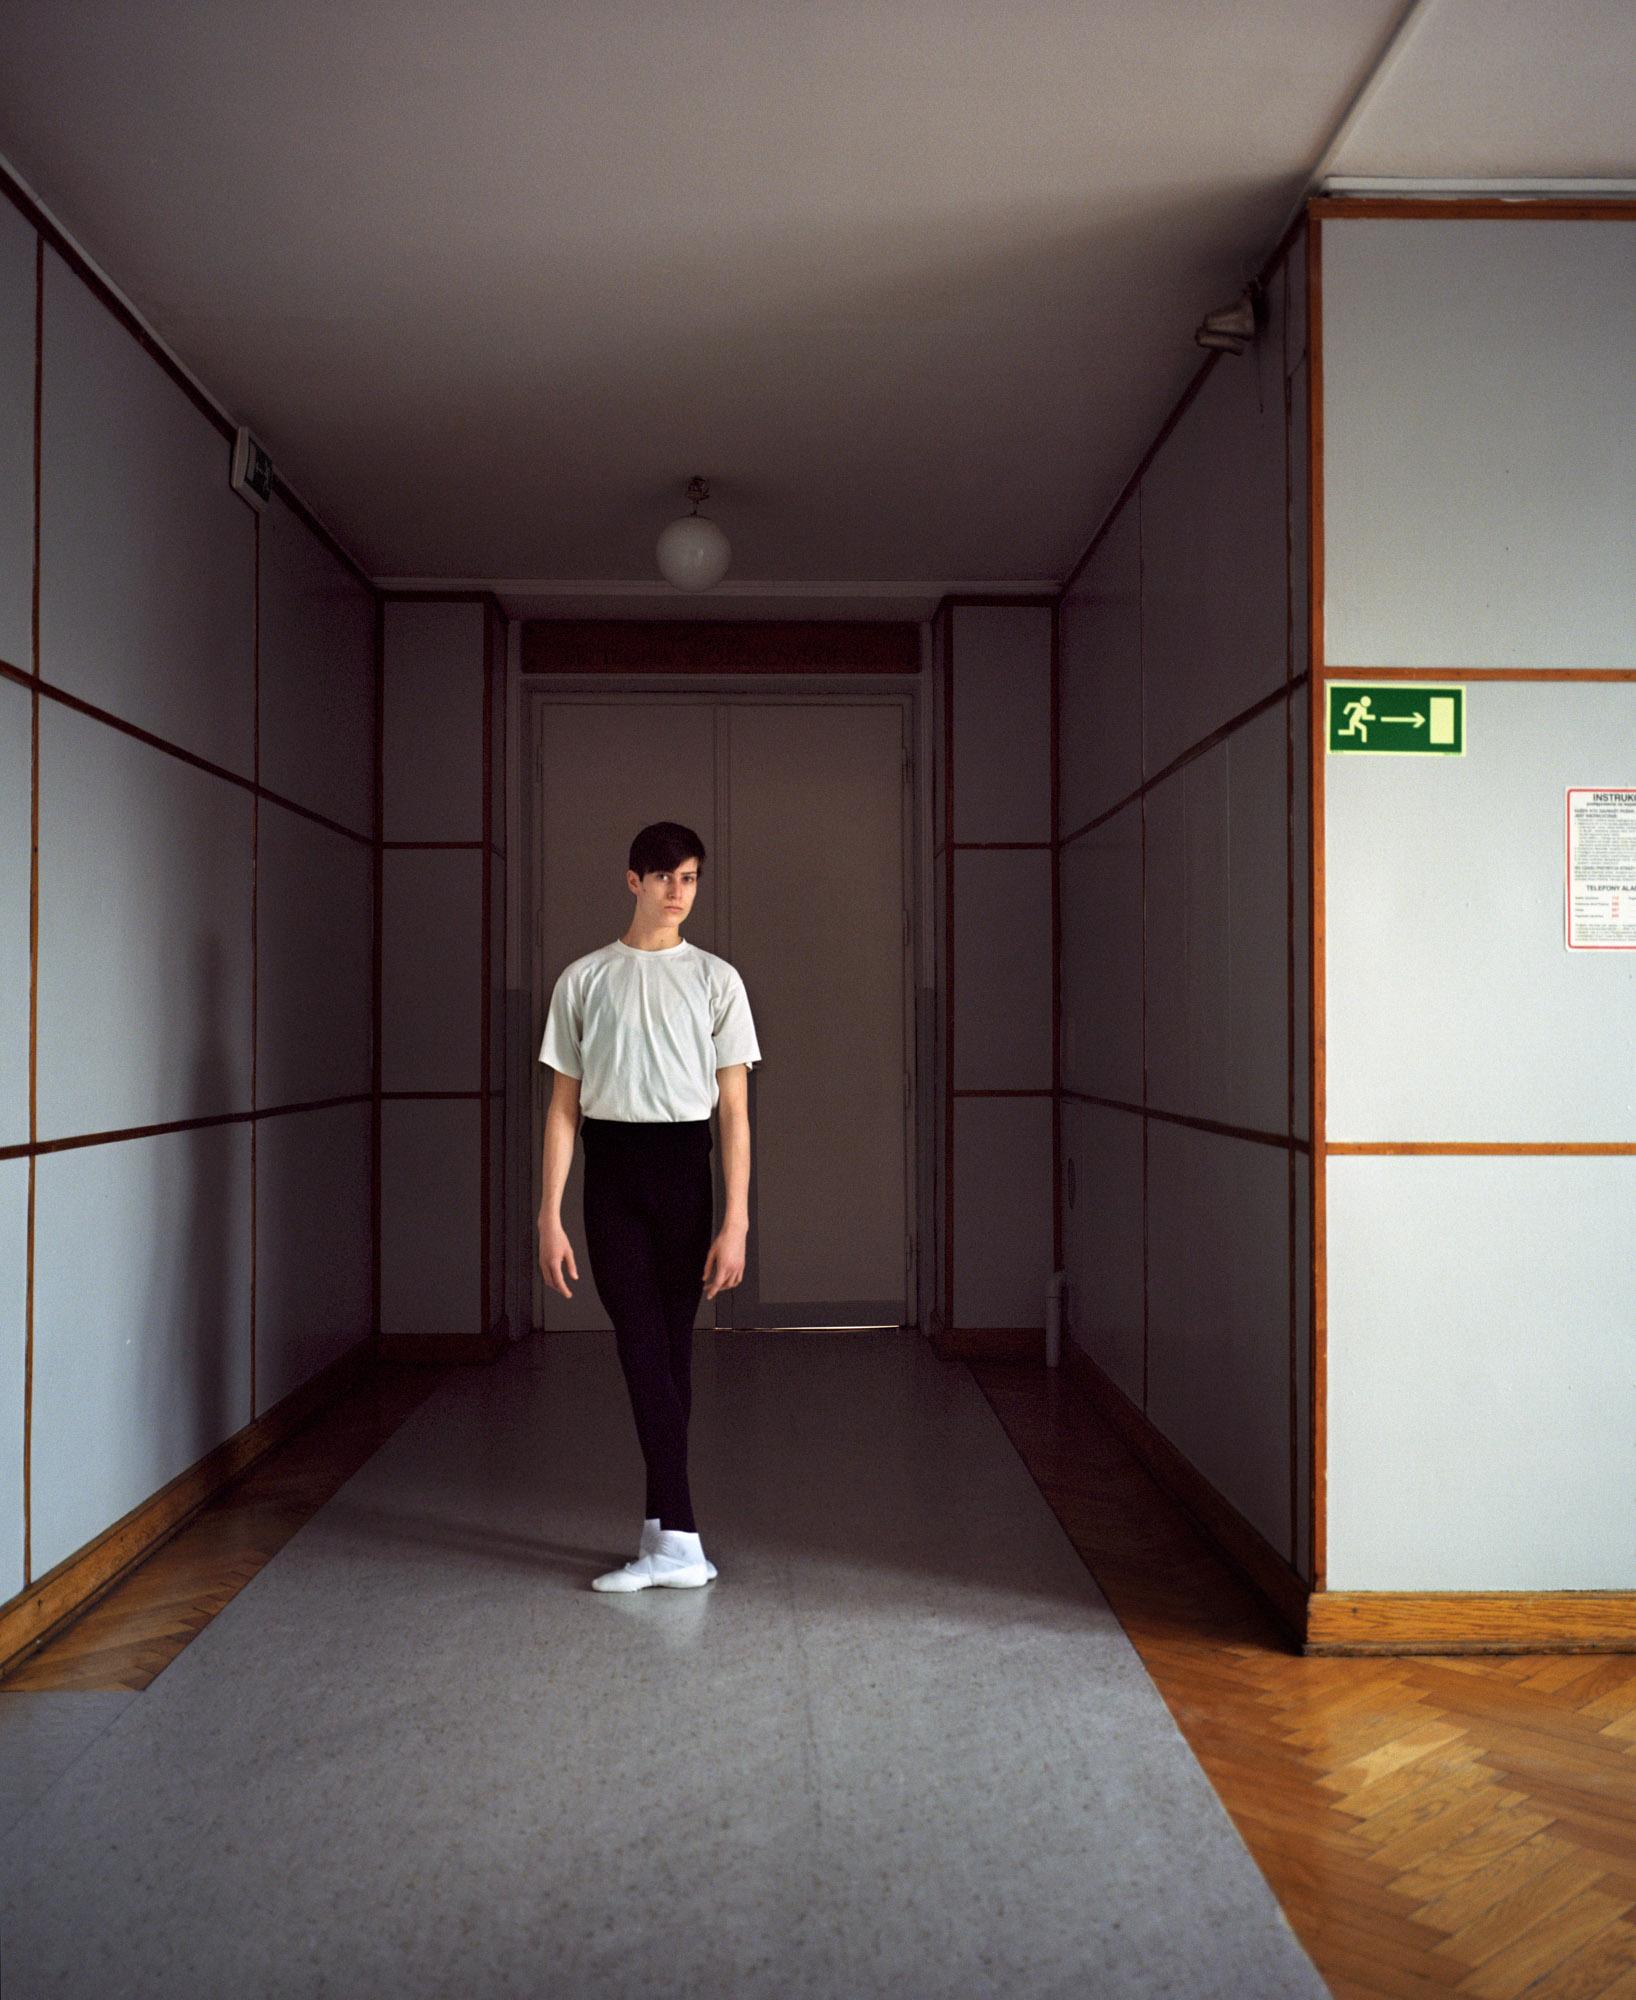 Krzysztof, Warsaw Ballet School